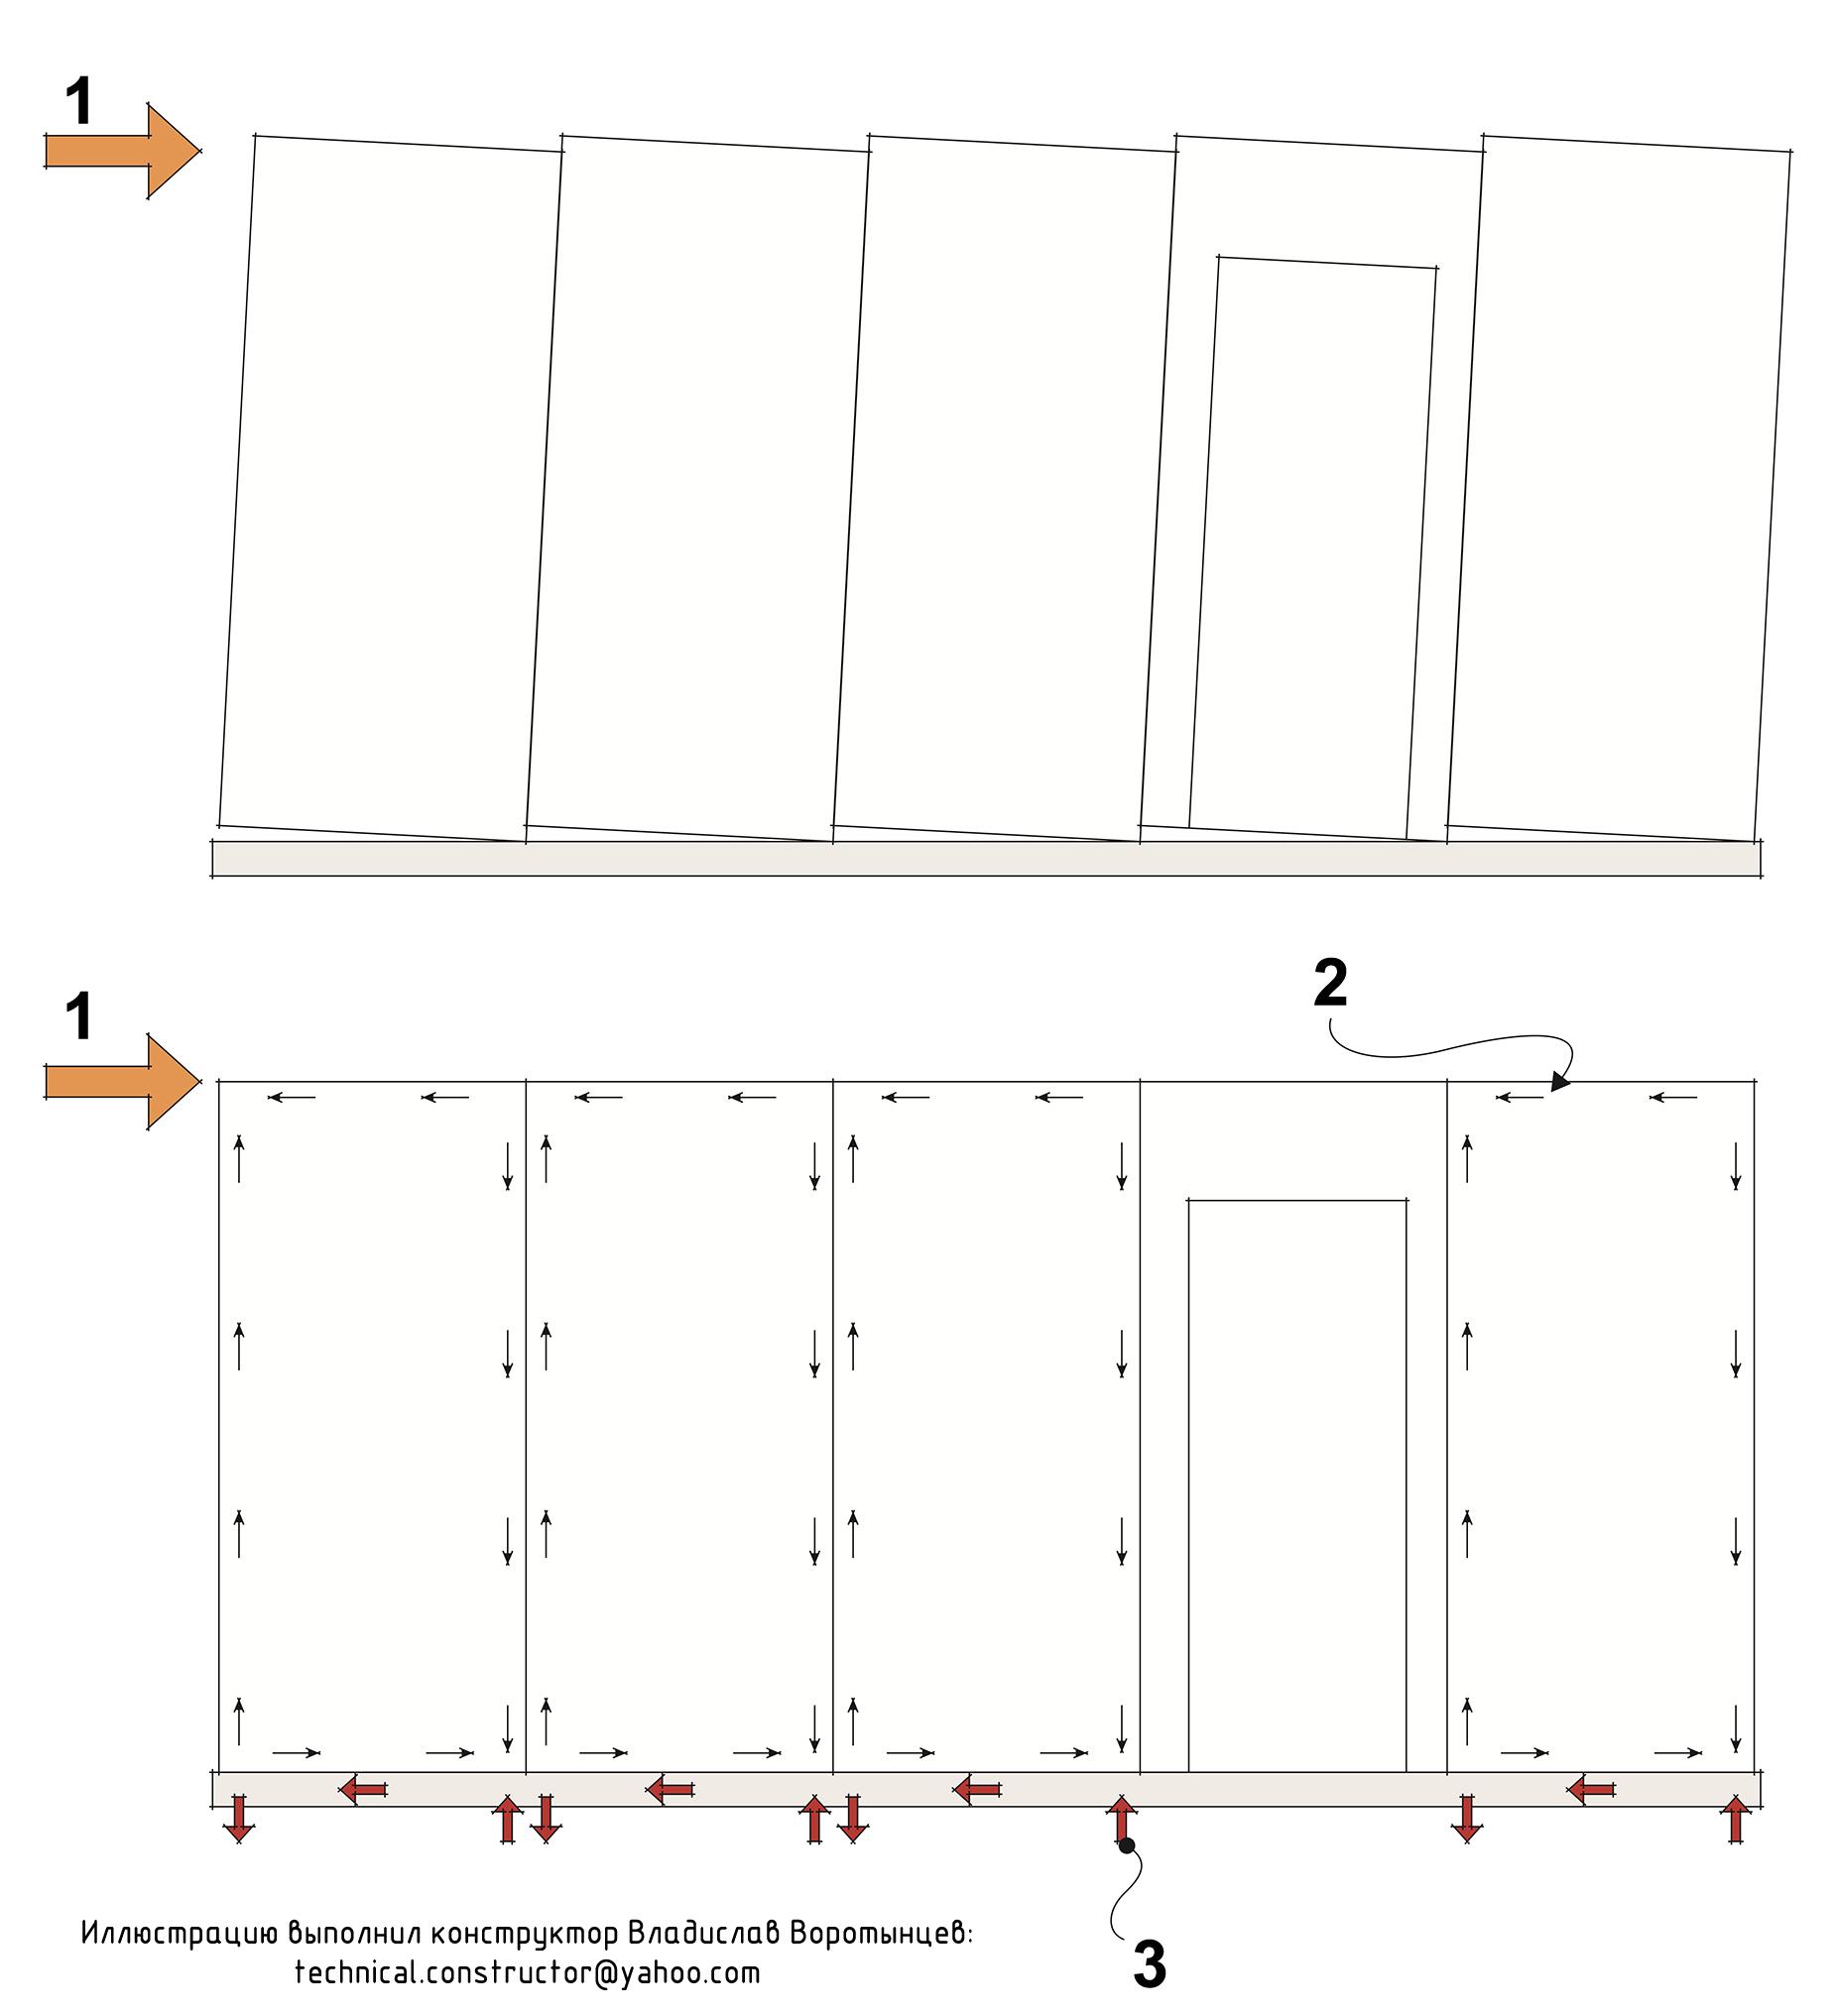 Рис. 9.27 Обеспечение жёсткости каркаса для восприятия ветровых нагрузок с помощью плитных материалов обшивки. Обеспечение жёсткости каркаса при восприятии ветровых нагрузок